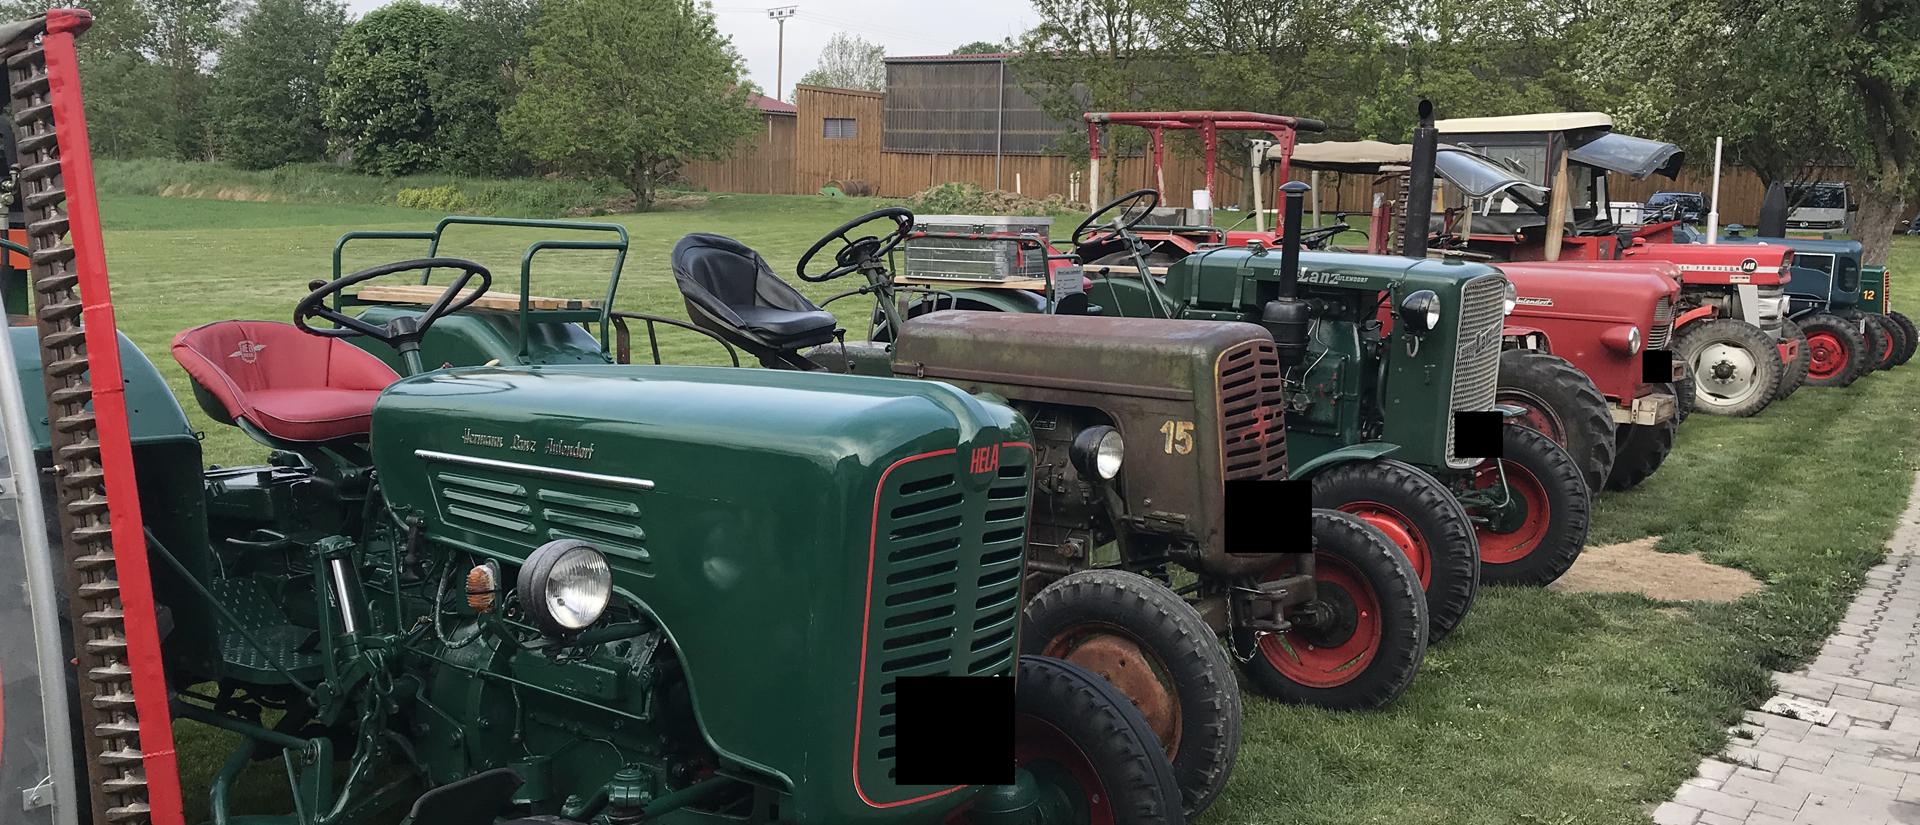 Traktoren_1920x825_2307